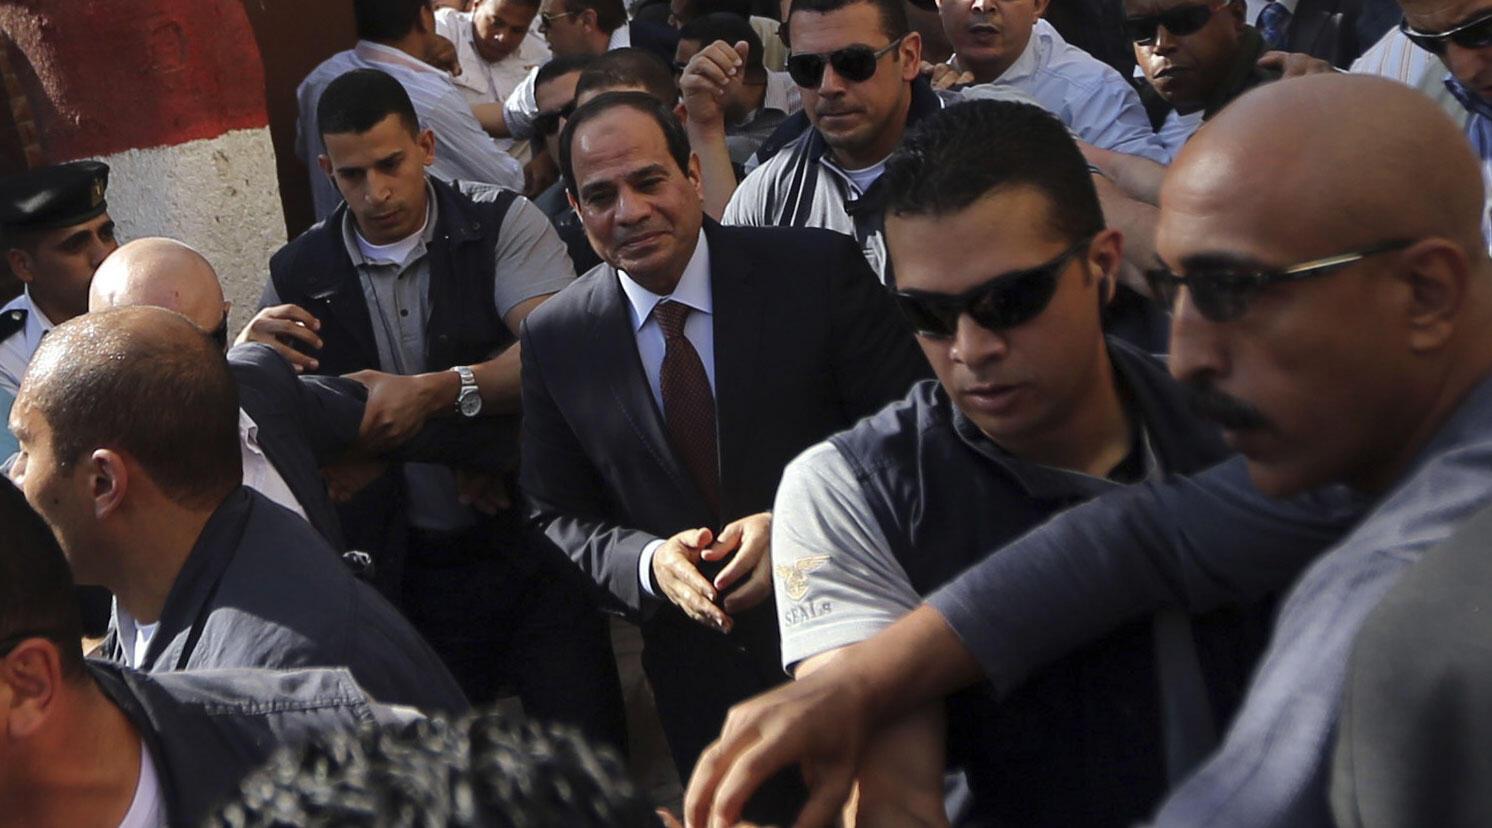 Favorito nas eleições presidenciais egípcias, Abdel Fattah al-Sissi, ao centro, chega com seguranças para votar no Cairo.